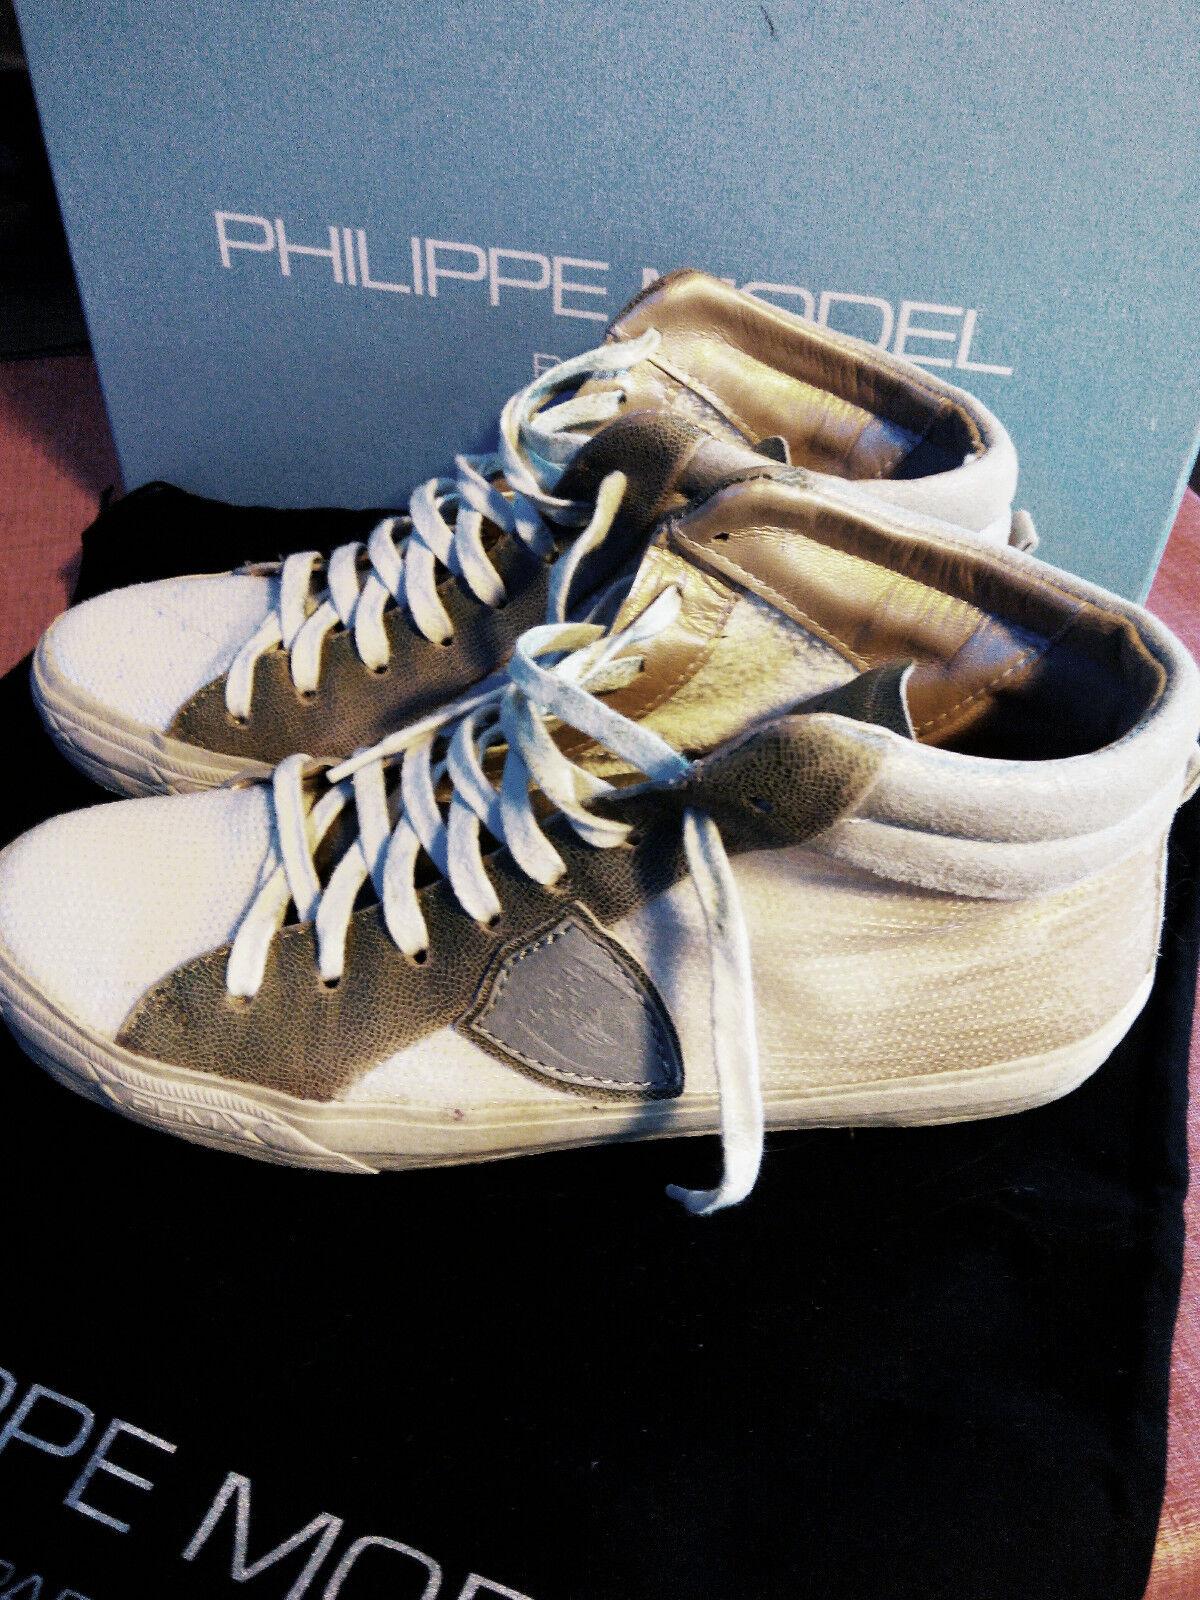 Phillipe Model Damen Sneaker Beige 37